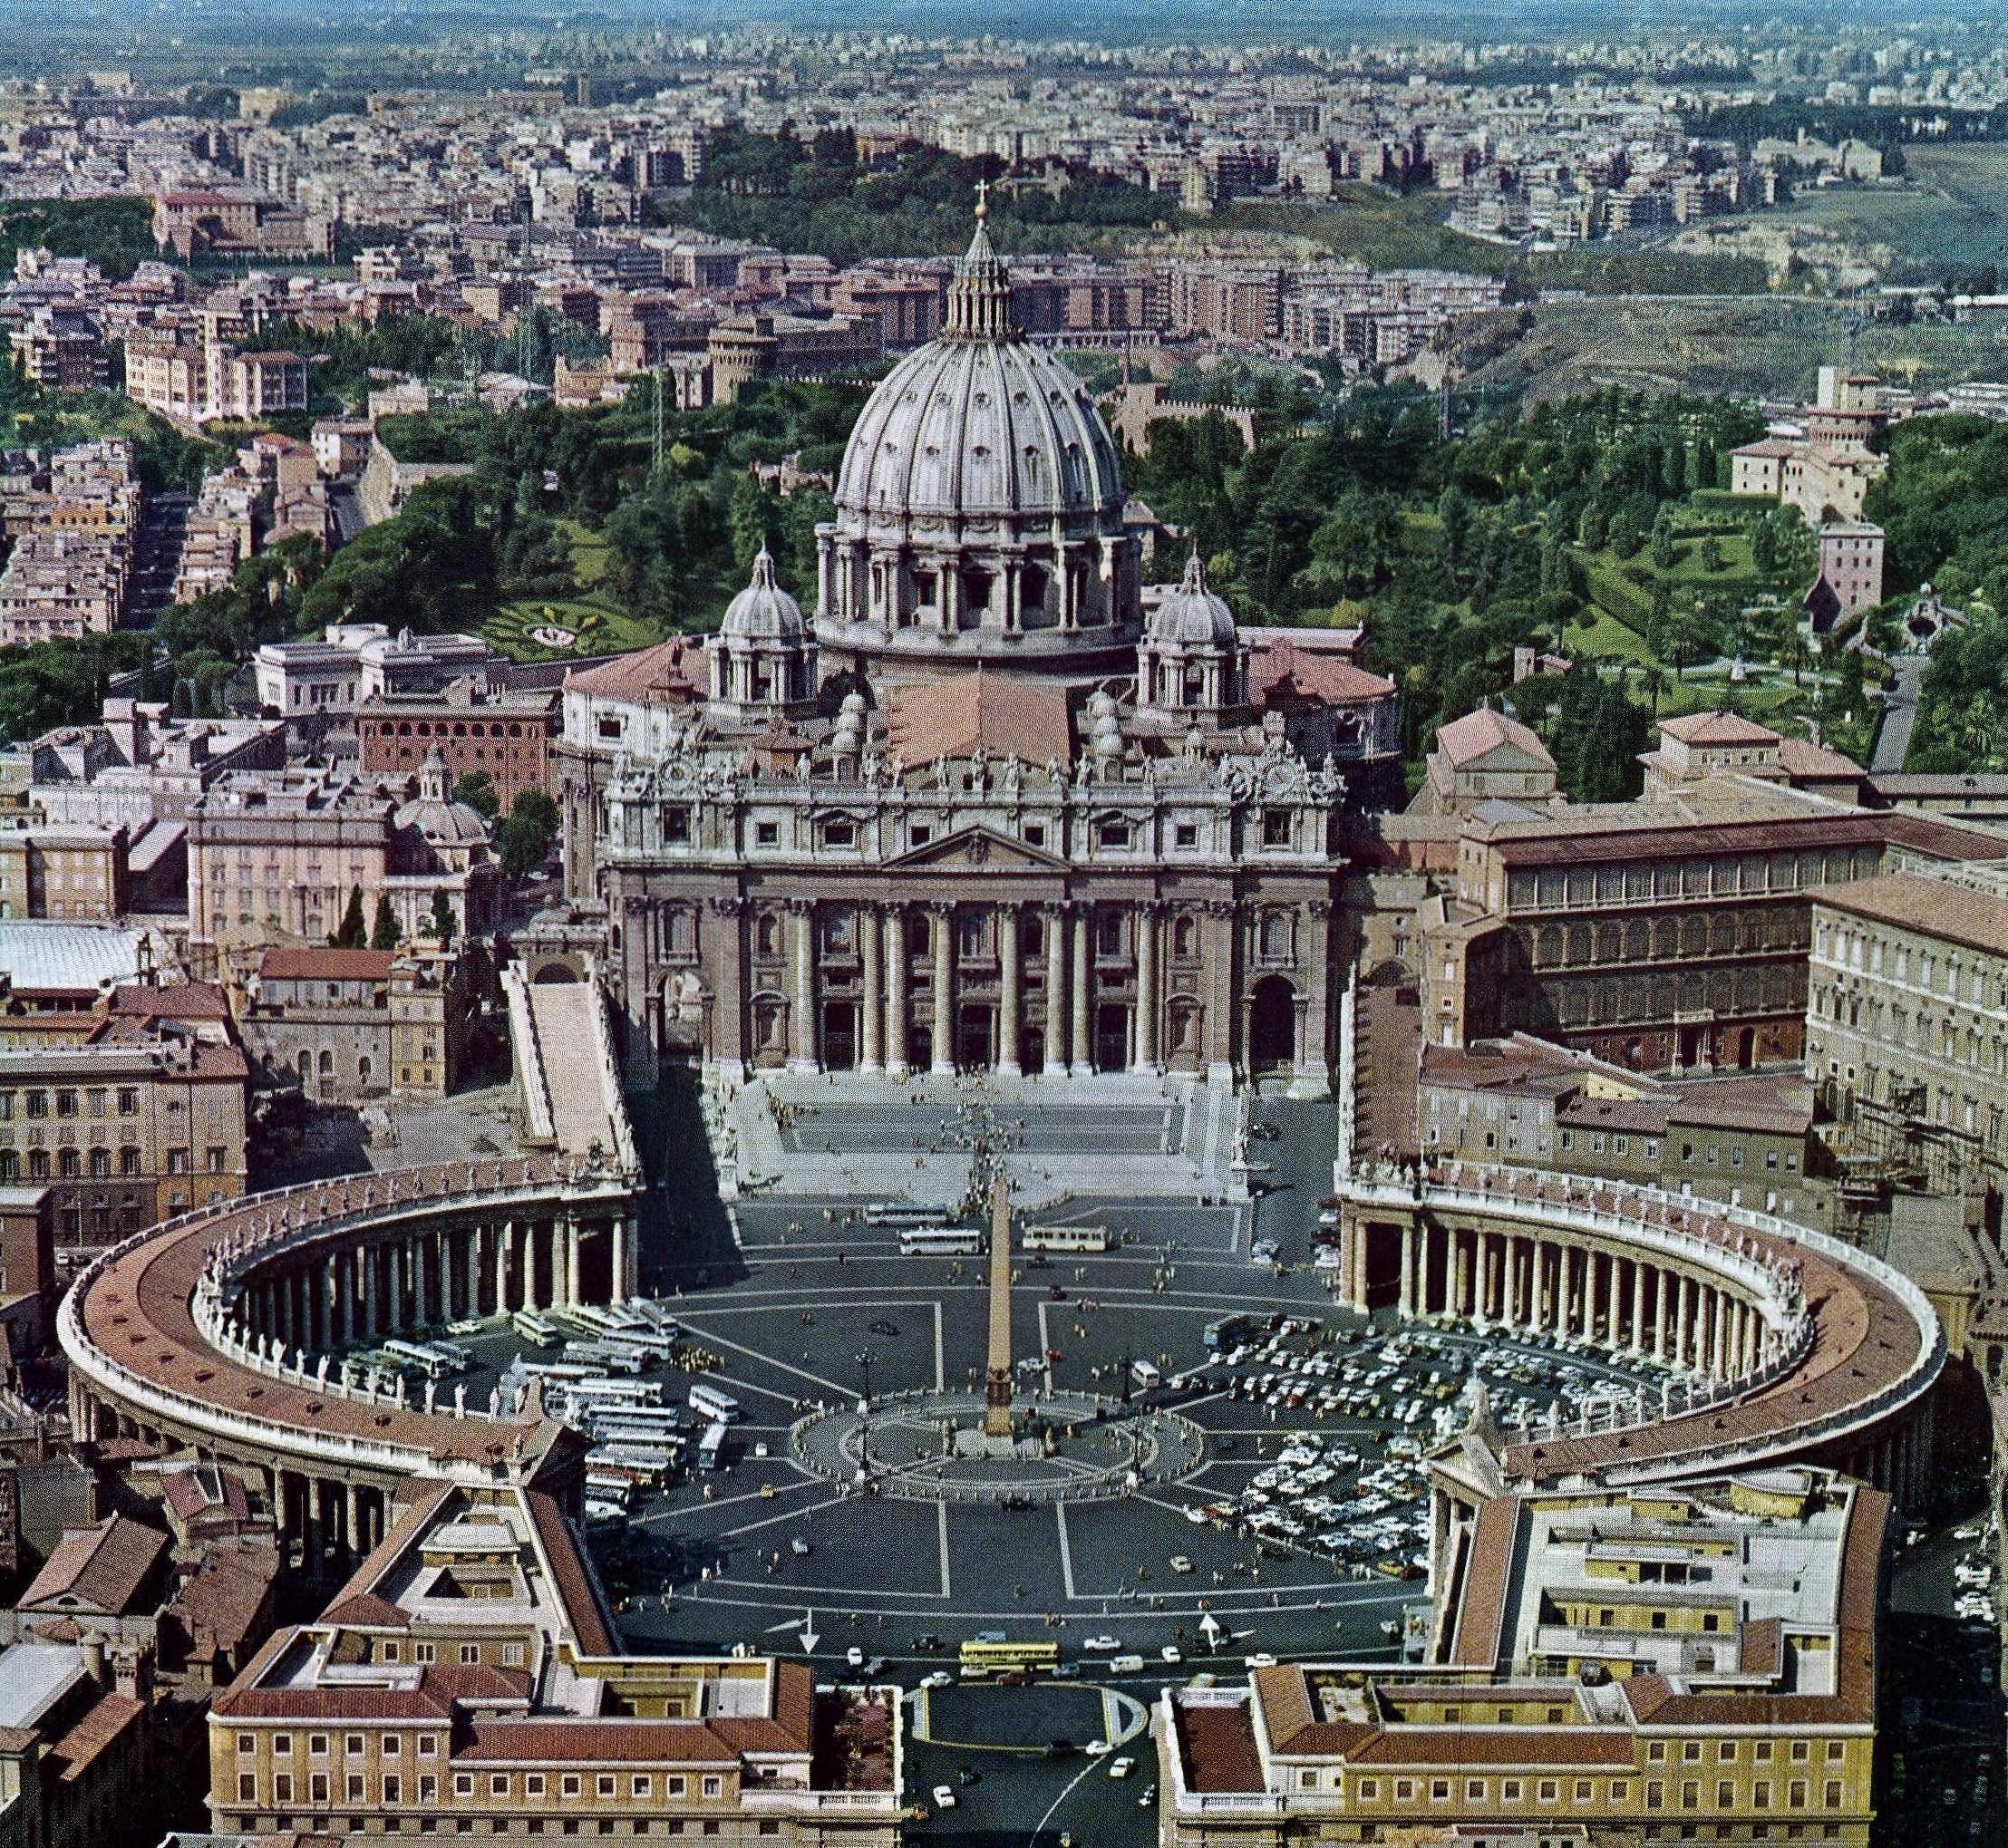 バチカン宮殿の画像 - 原寸画像検索